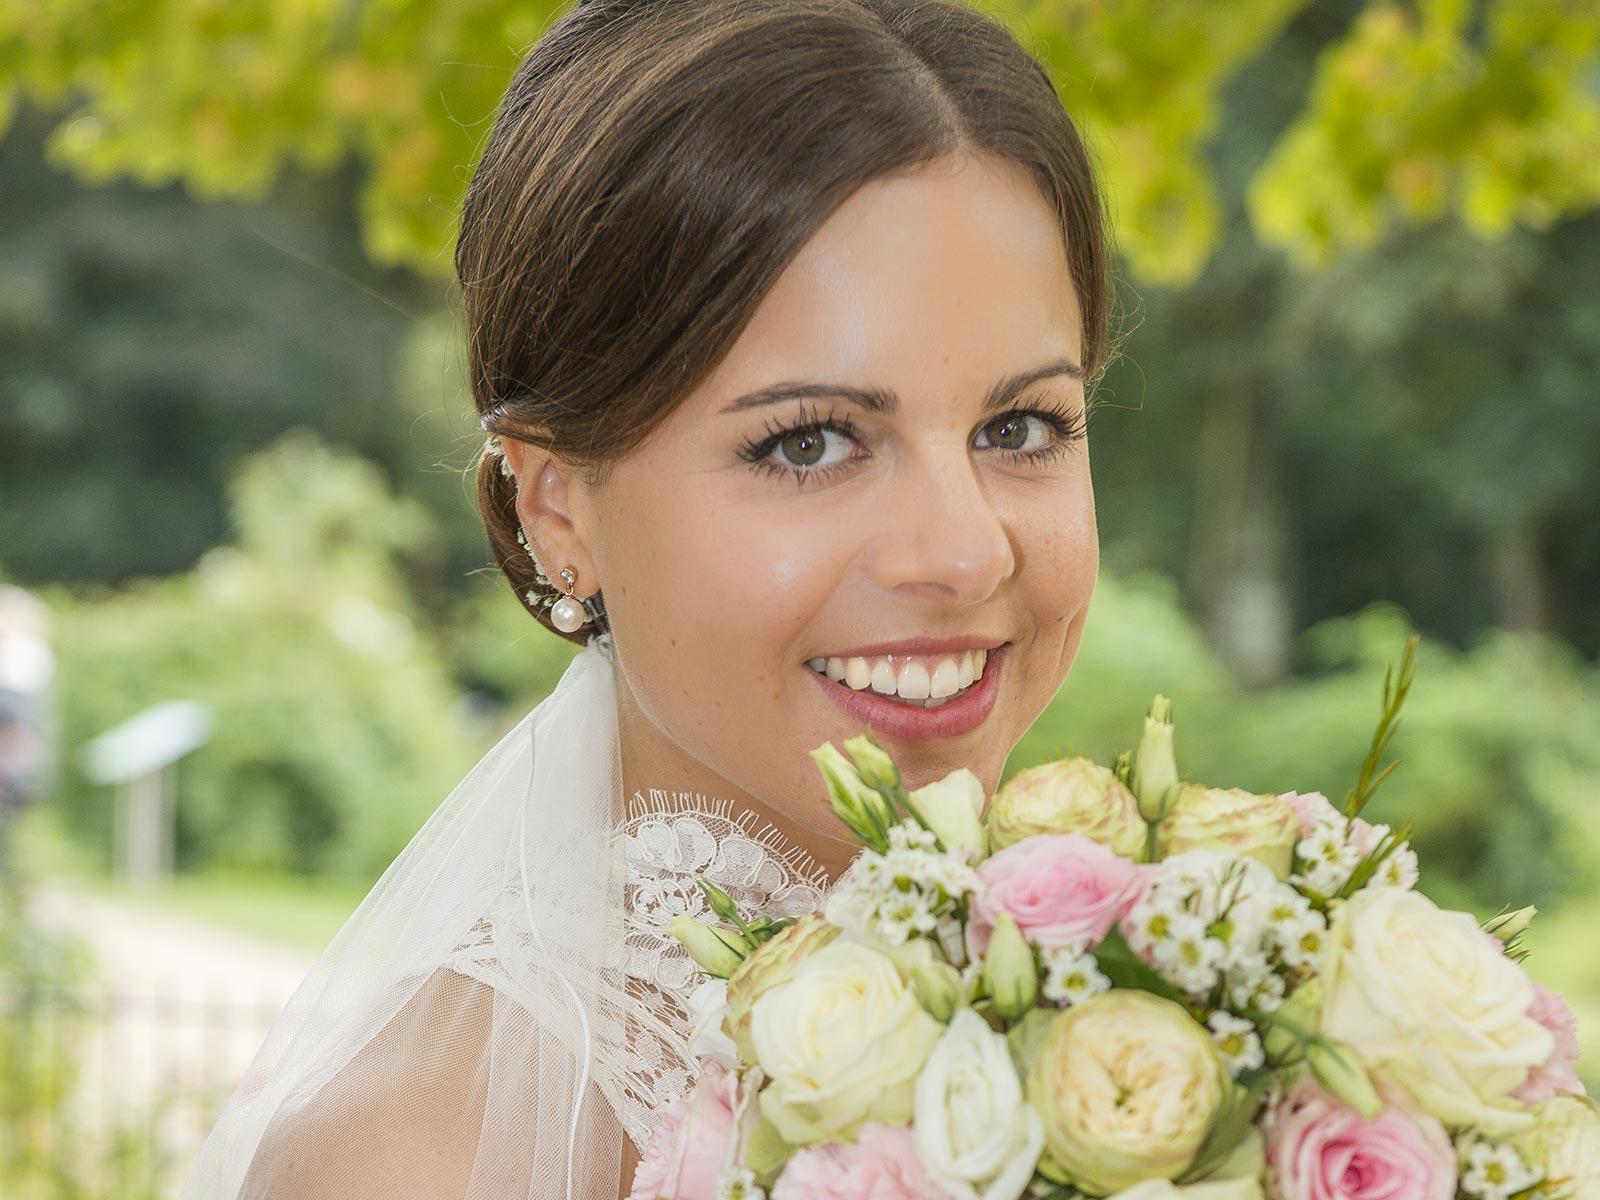 Brautfoto von der schönen Sina entstand parallel zu Ihrem Braupaar Shooting durch Yaph - Fotograf in Trier im Nellspark.